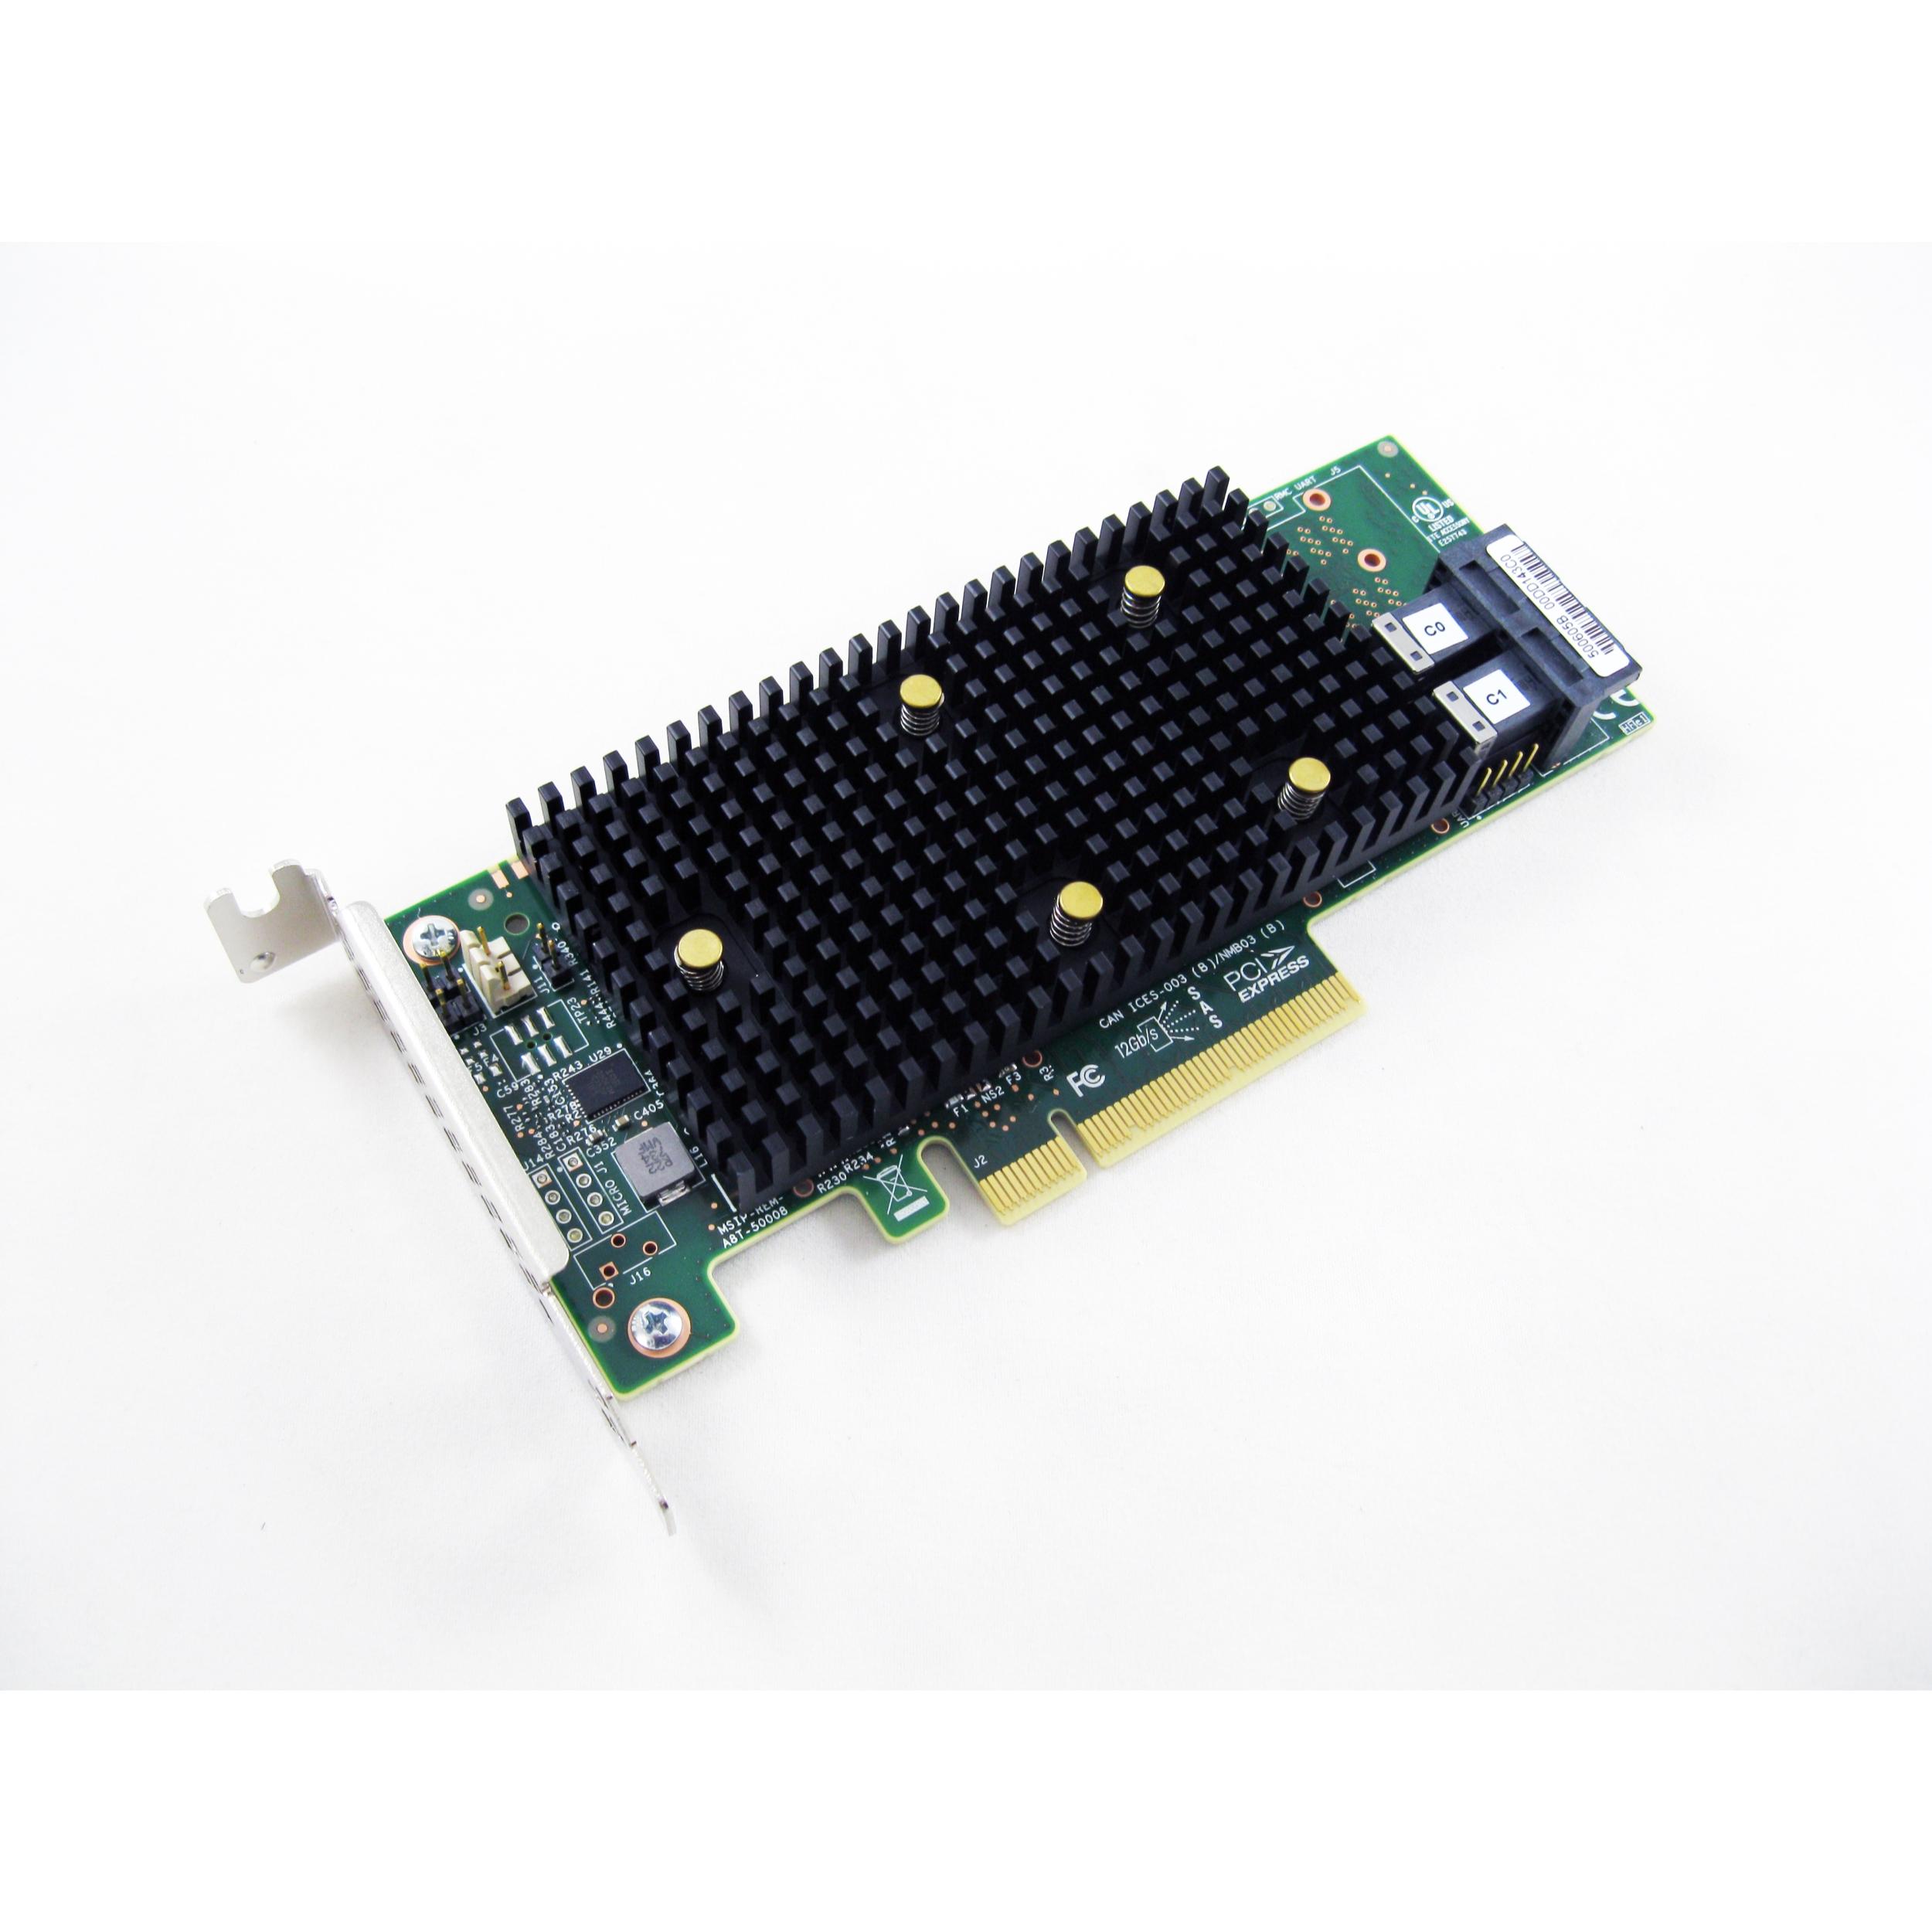 Avago 530-8i PCI-E RAID 12GB 03-50008-25004 01KN505 Lenovo Adapter